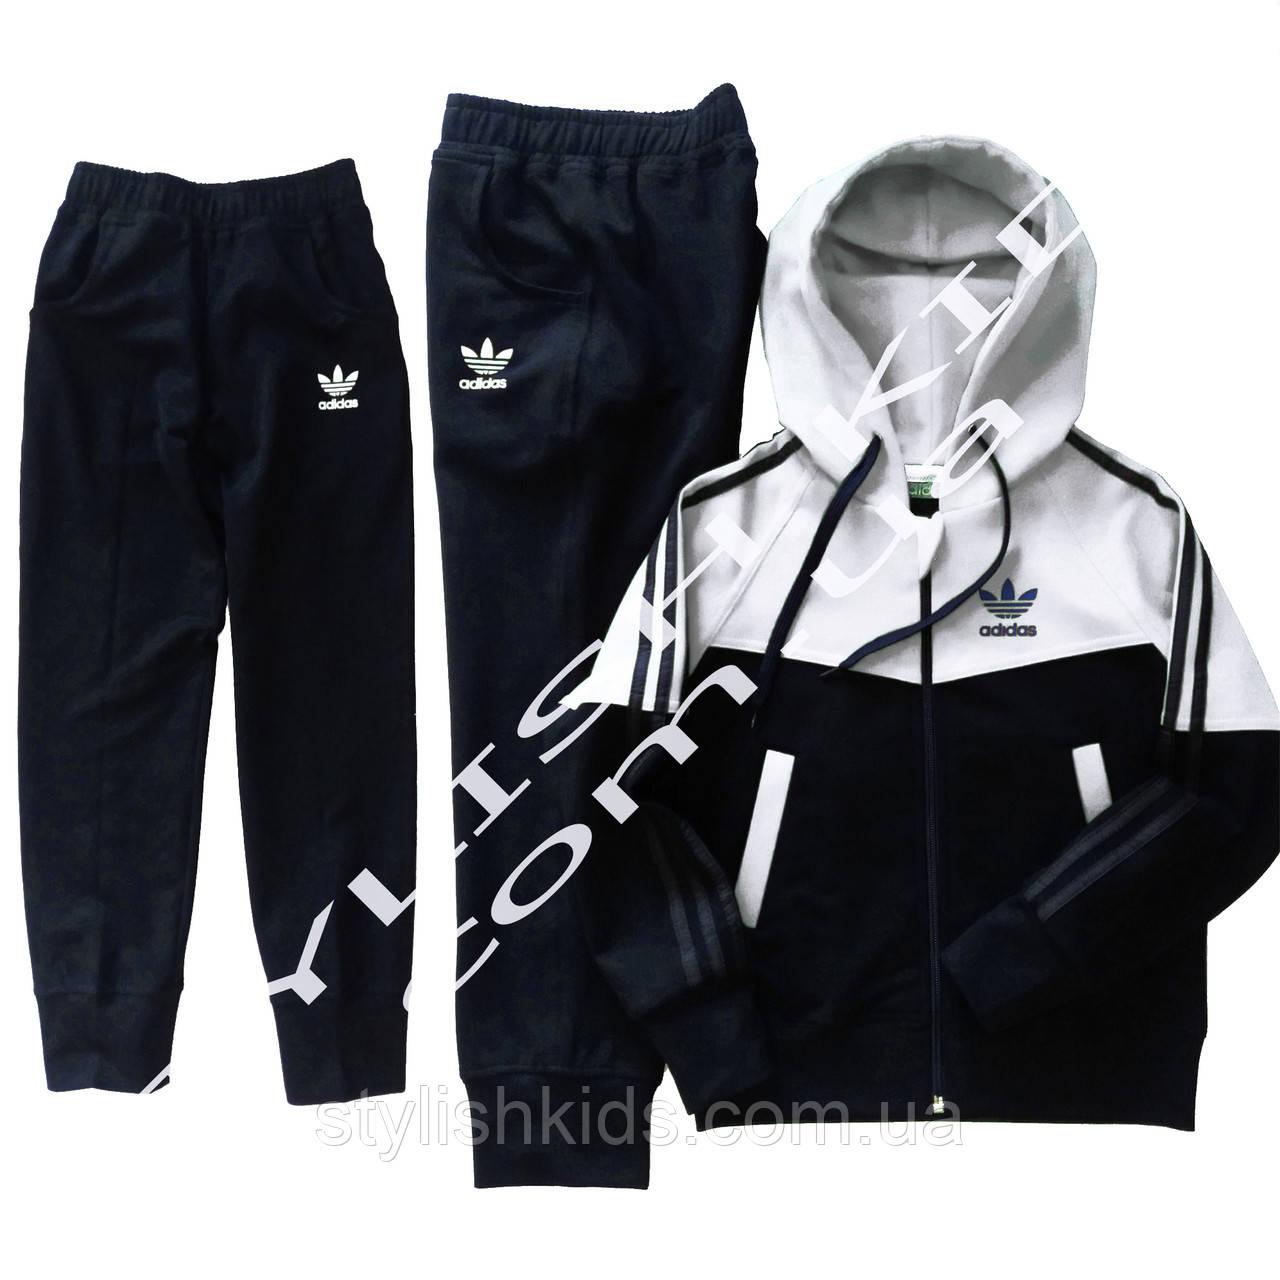 237e964f4f0f Купить спортивный костюм adidas на подростка.Спортивный костюм для девочек  и ...